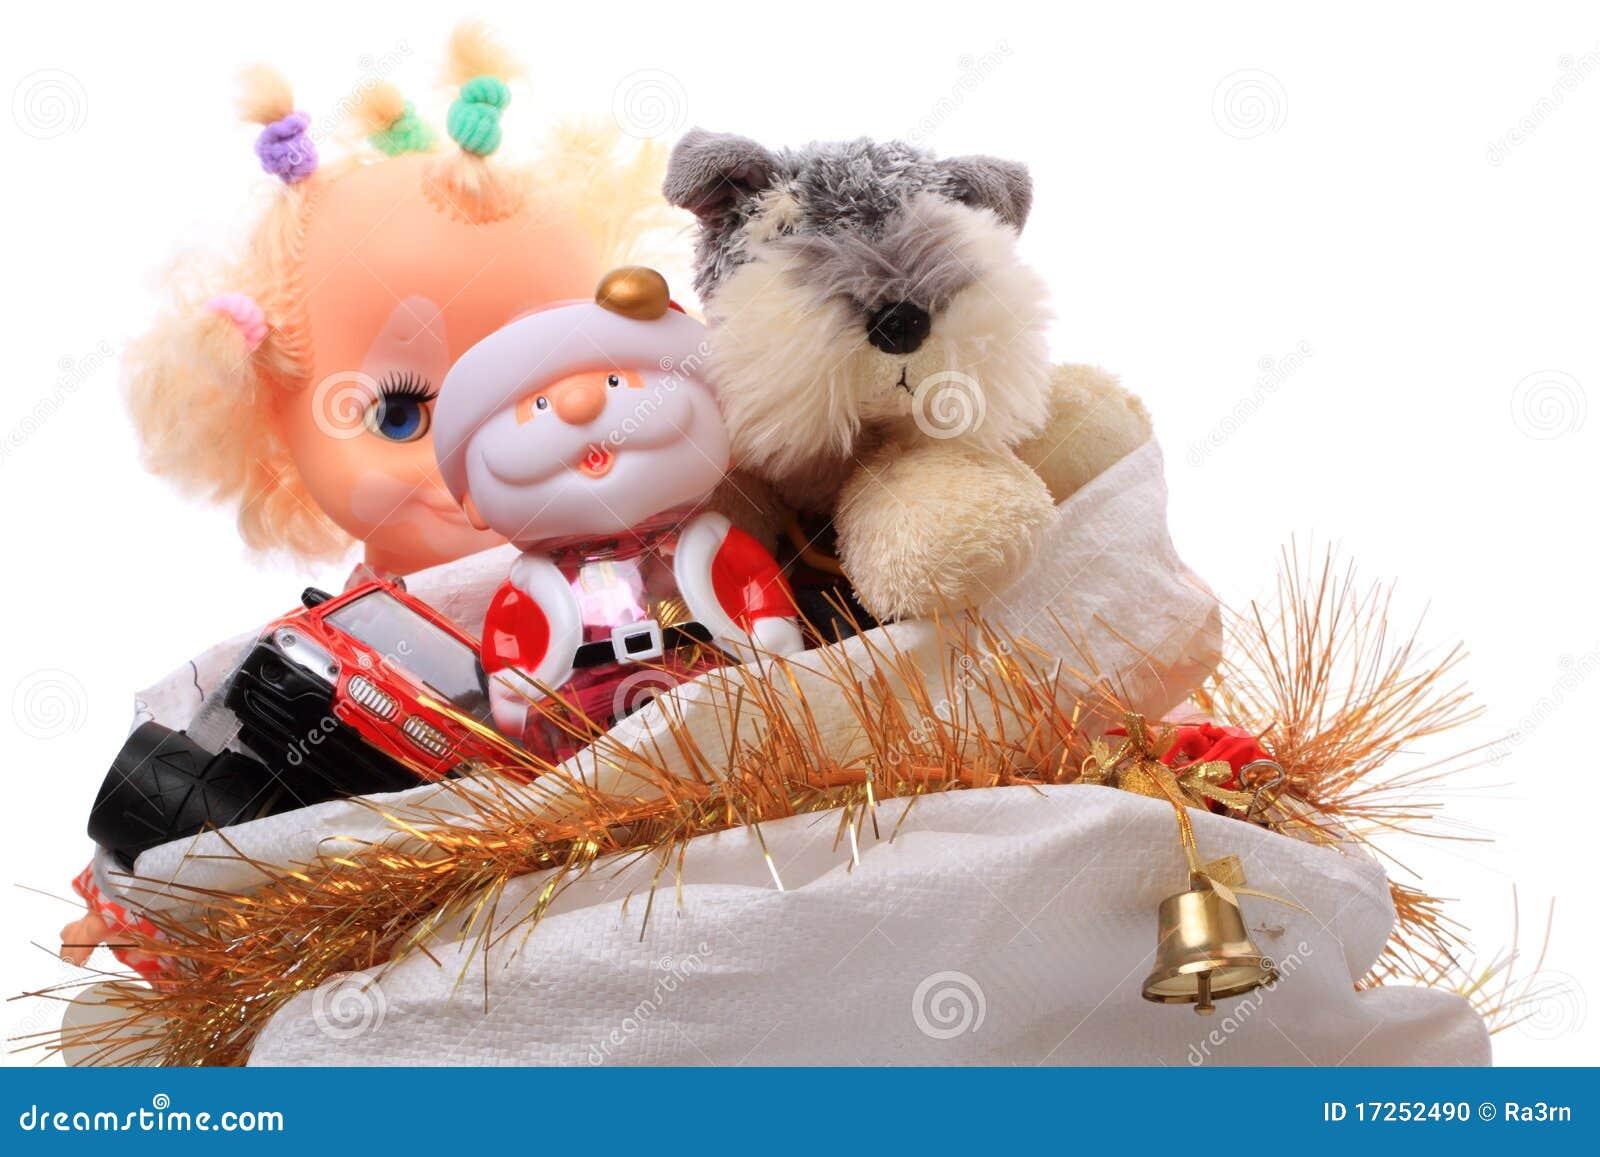 Sack Of Toys For Christmas : Christmas bag with toys stock photo image